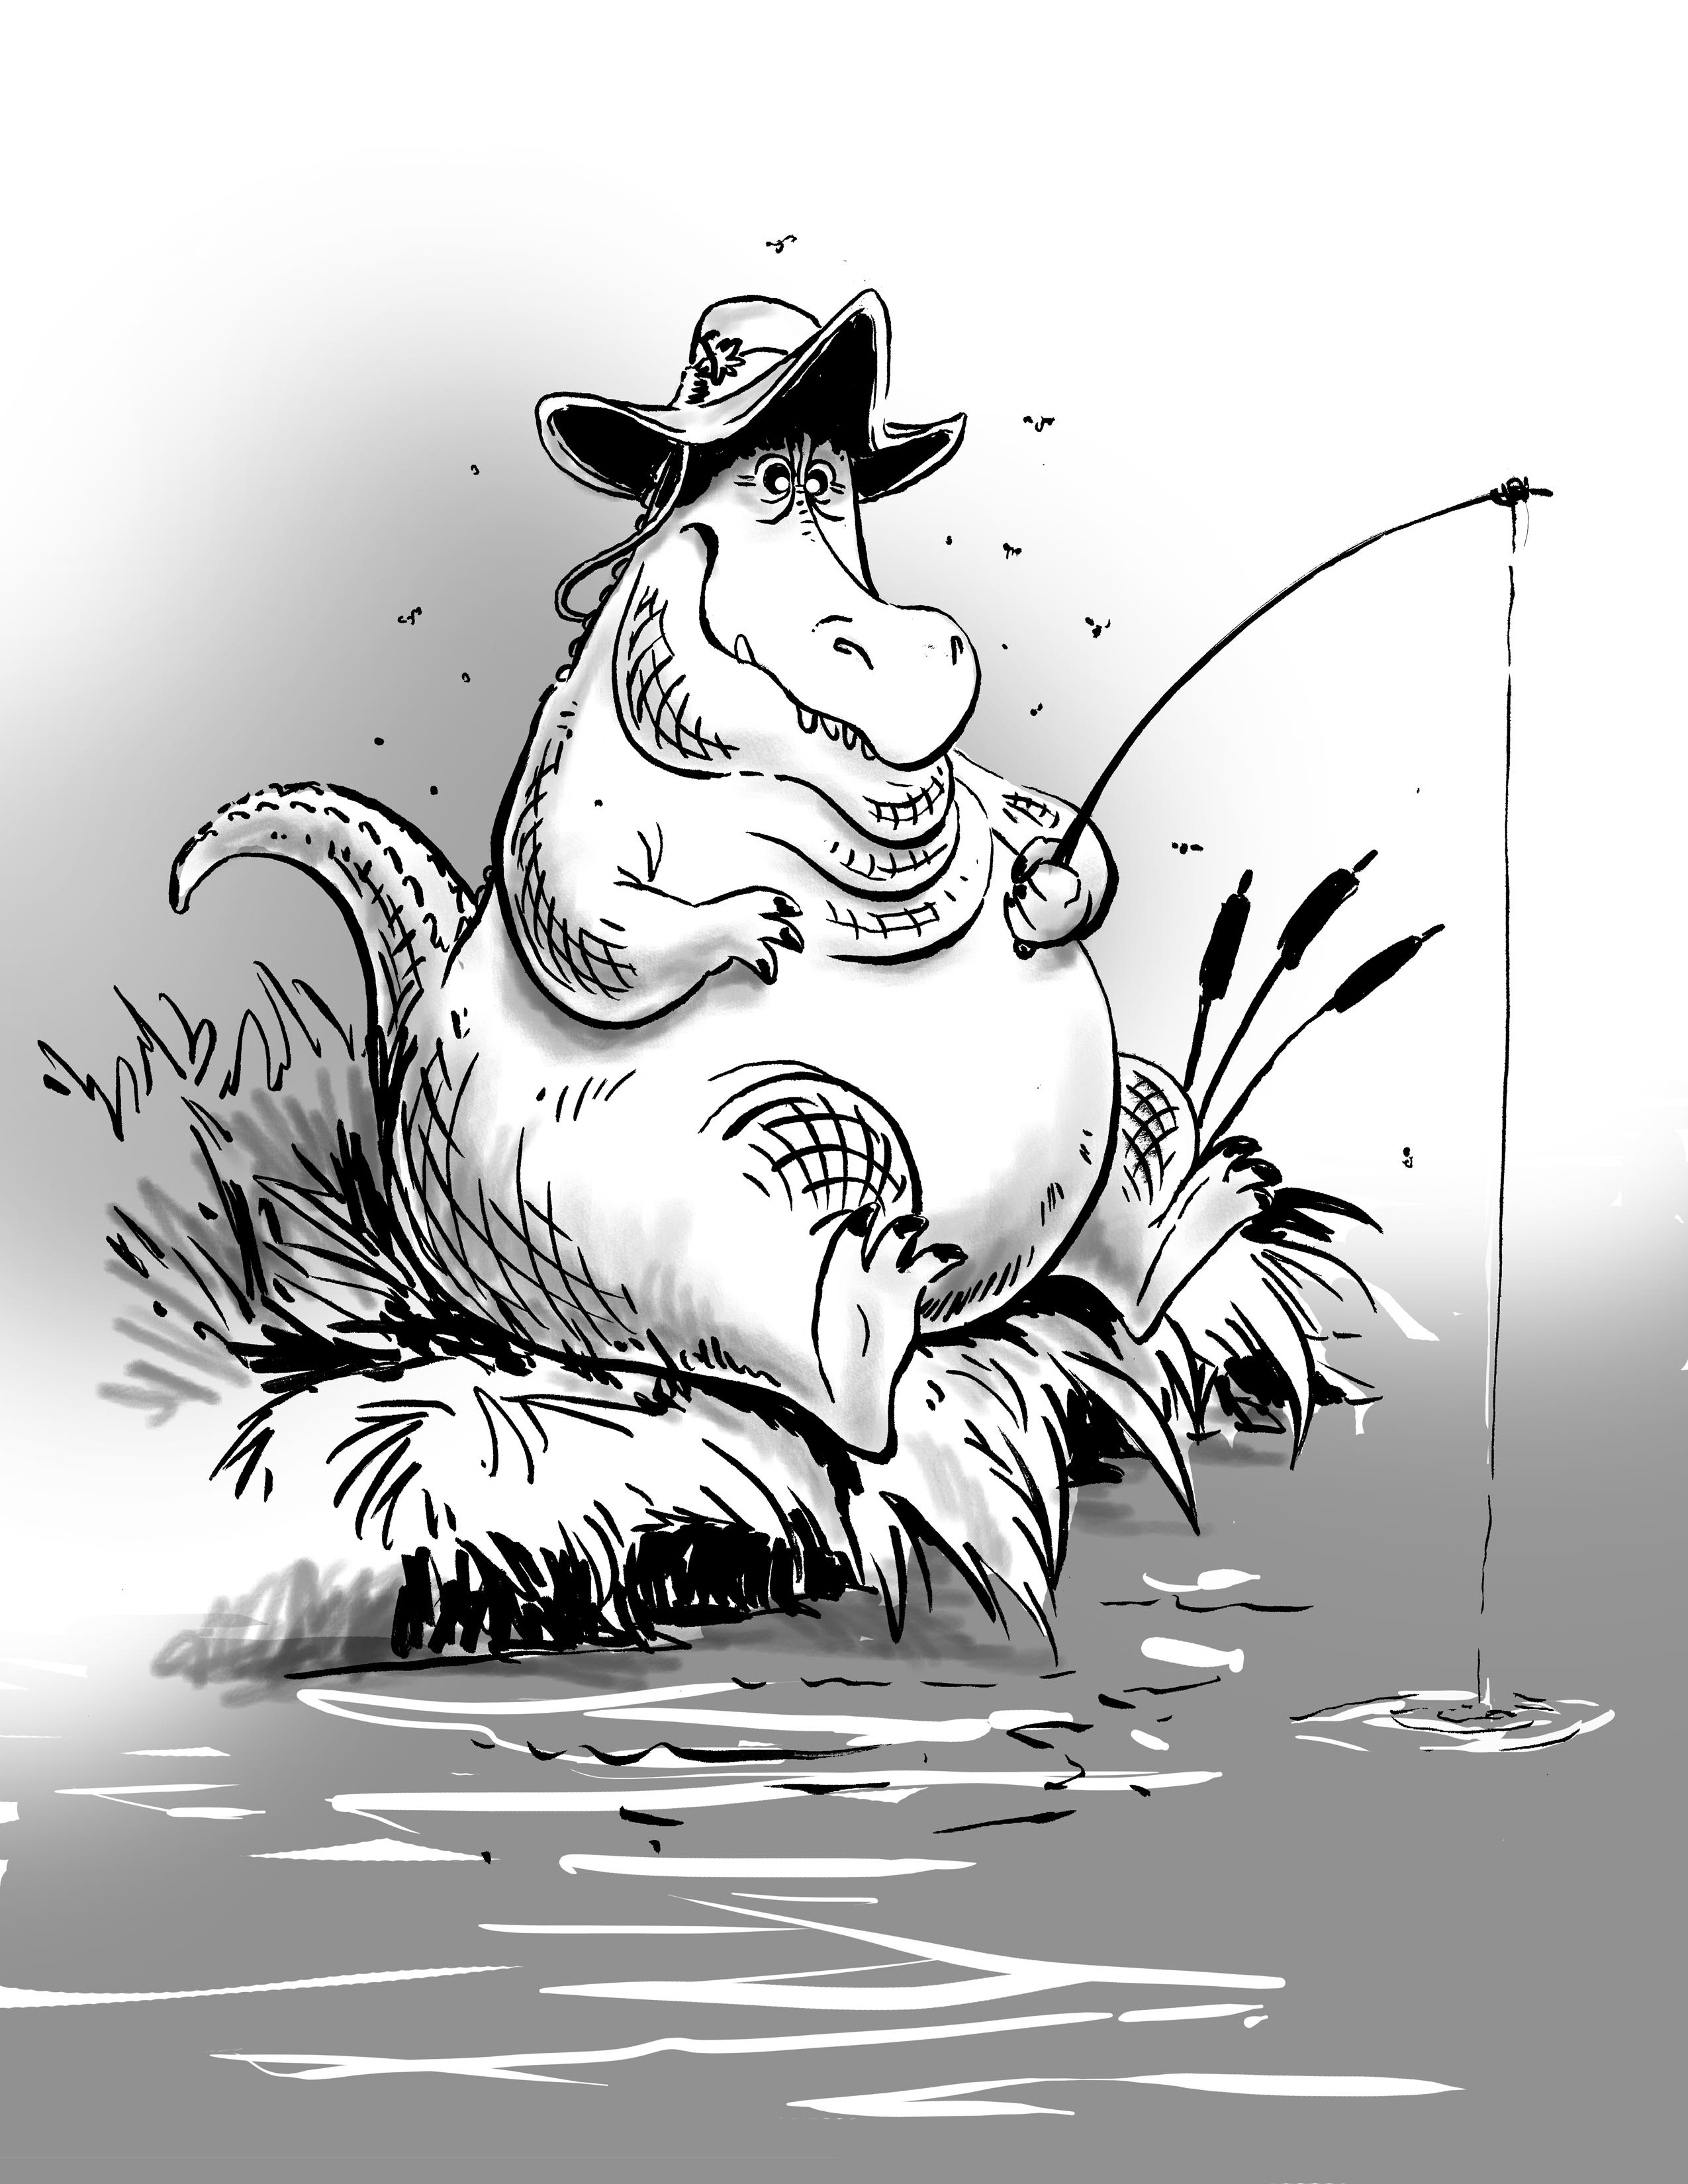 alligator-fishing